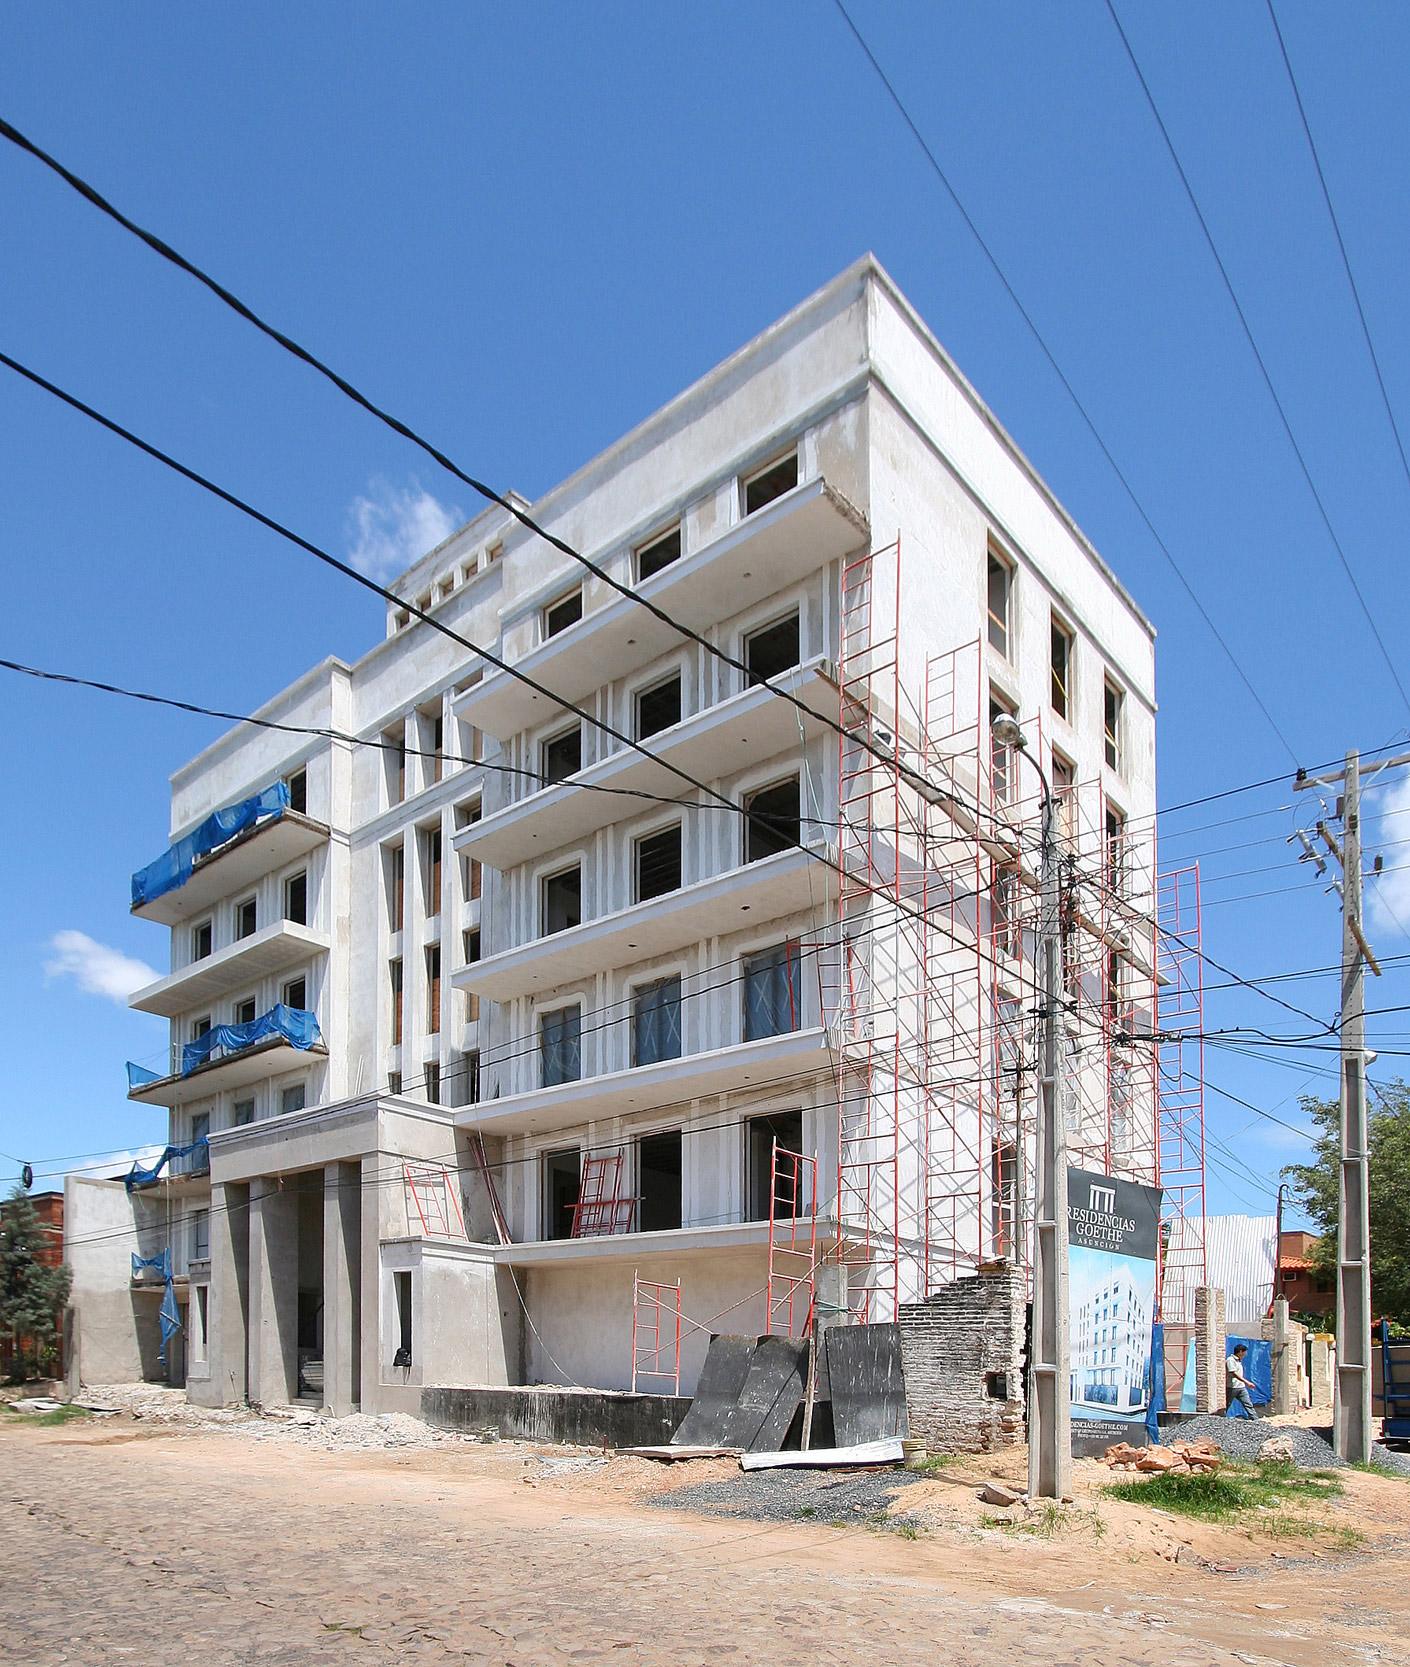 GOETHE RESIDENZEN - Neubau eines Appartementhauses mit exklusiven Wohnungen - Die Gebäudehülle wird hauptsächlich durch leuchtendes Grau-Weiß geprägt.